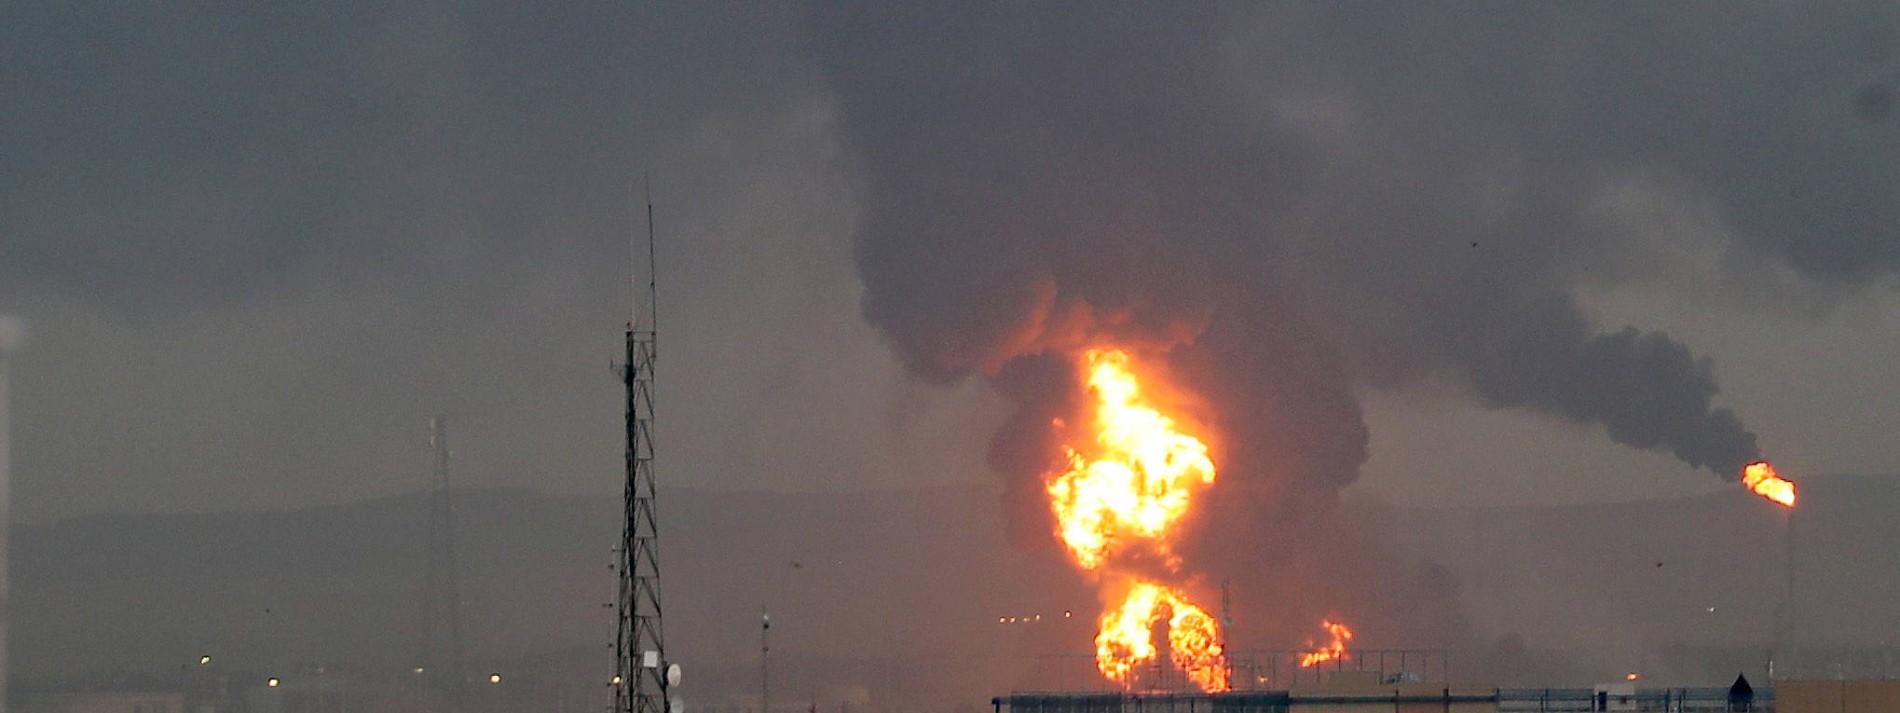 Großbrand in Ölraffinerie nahe Teheran